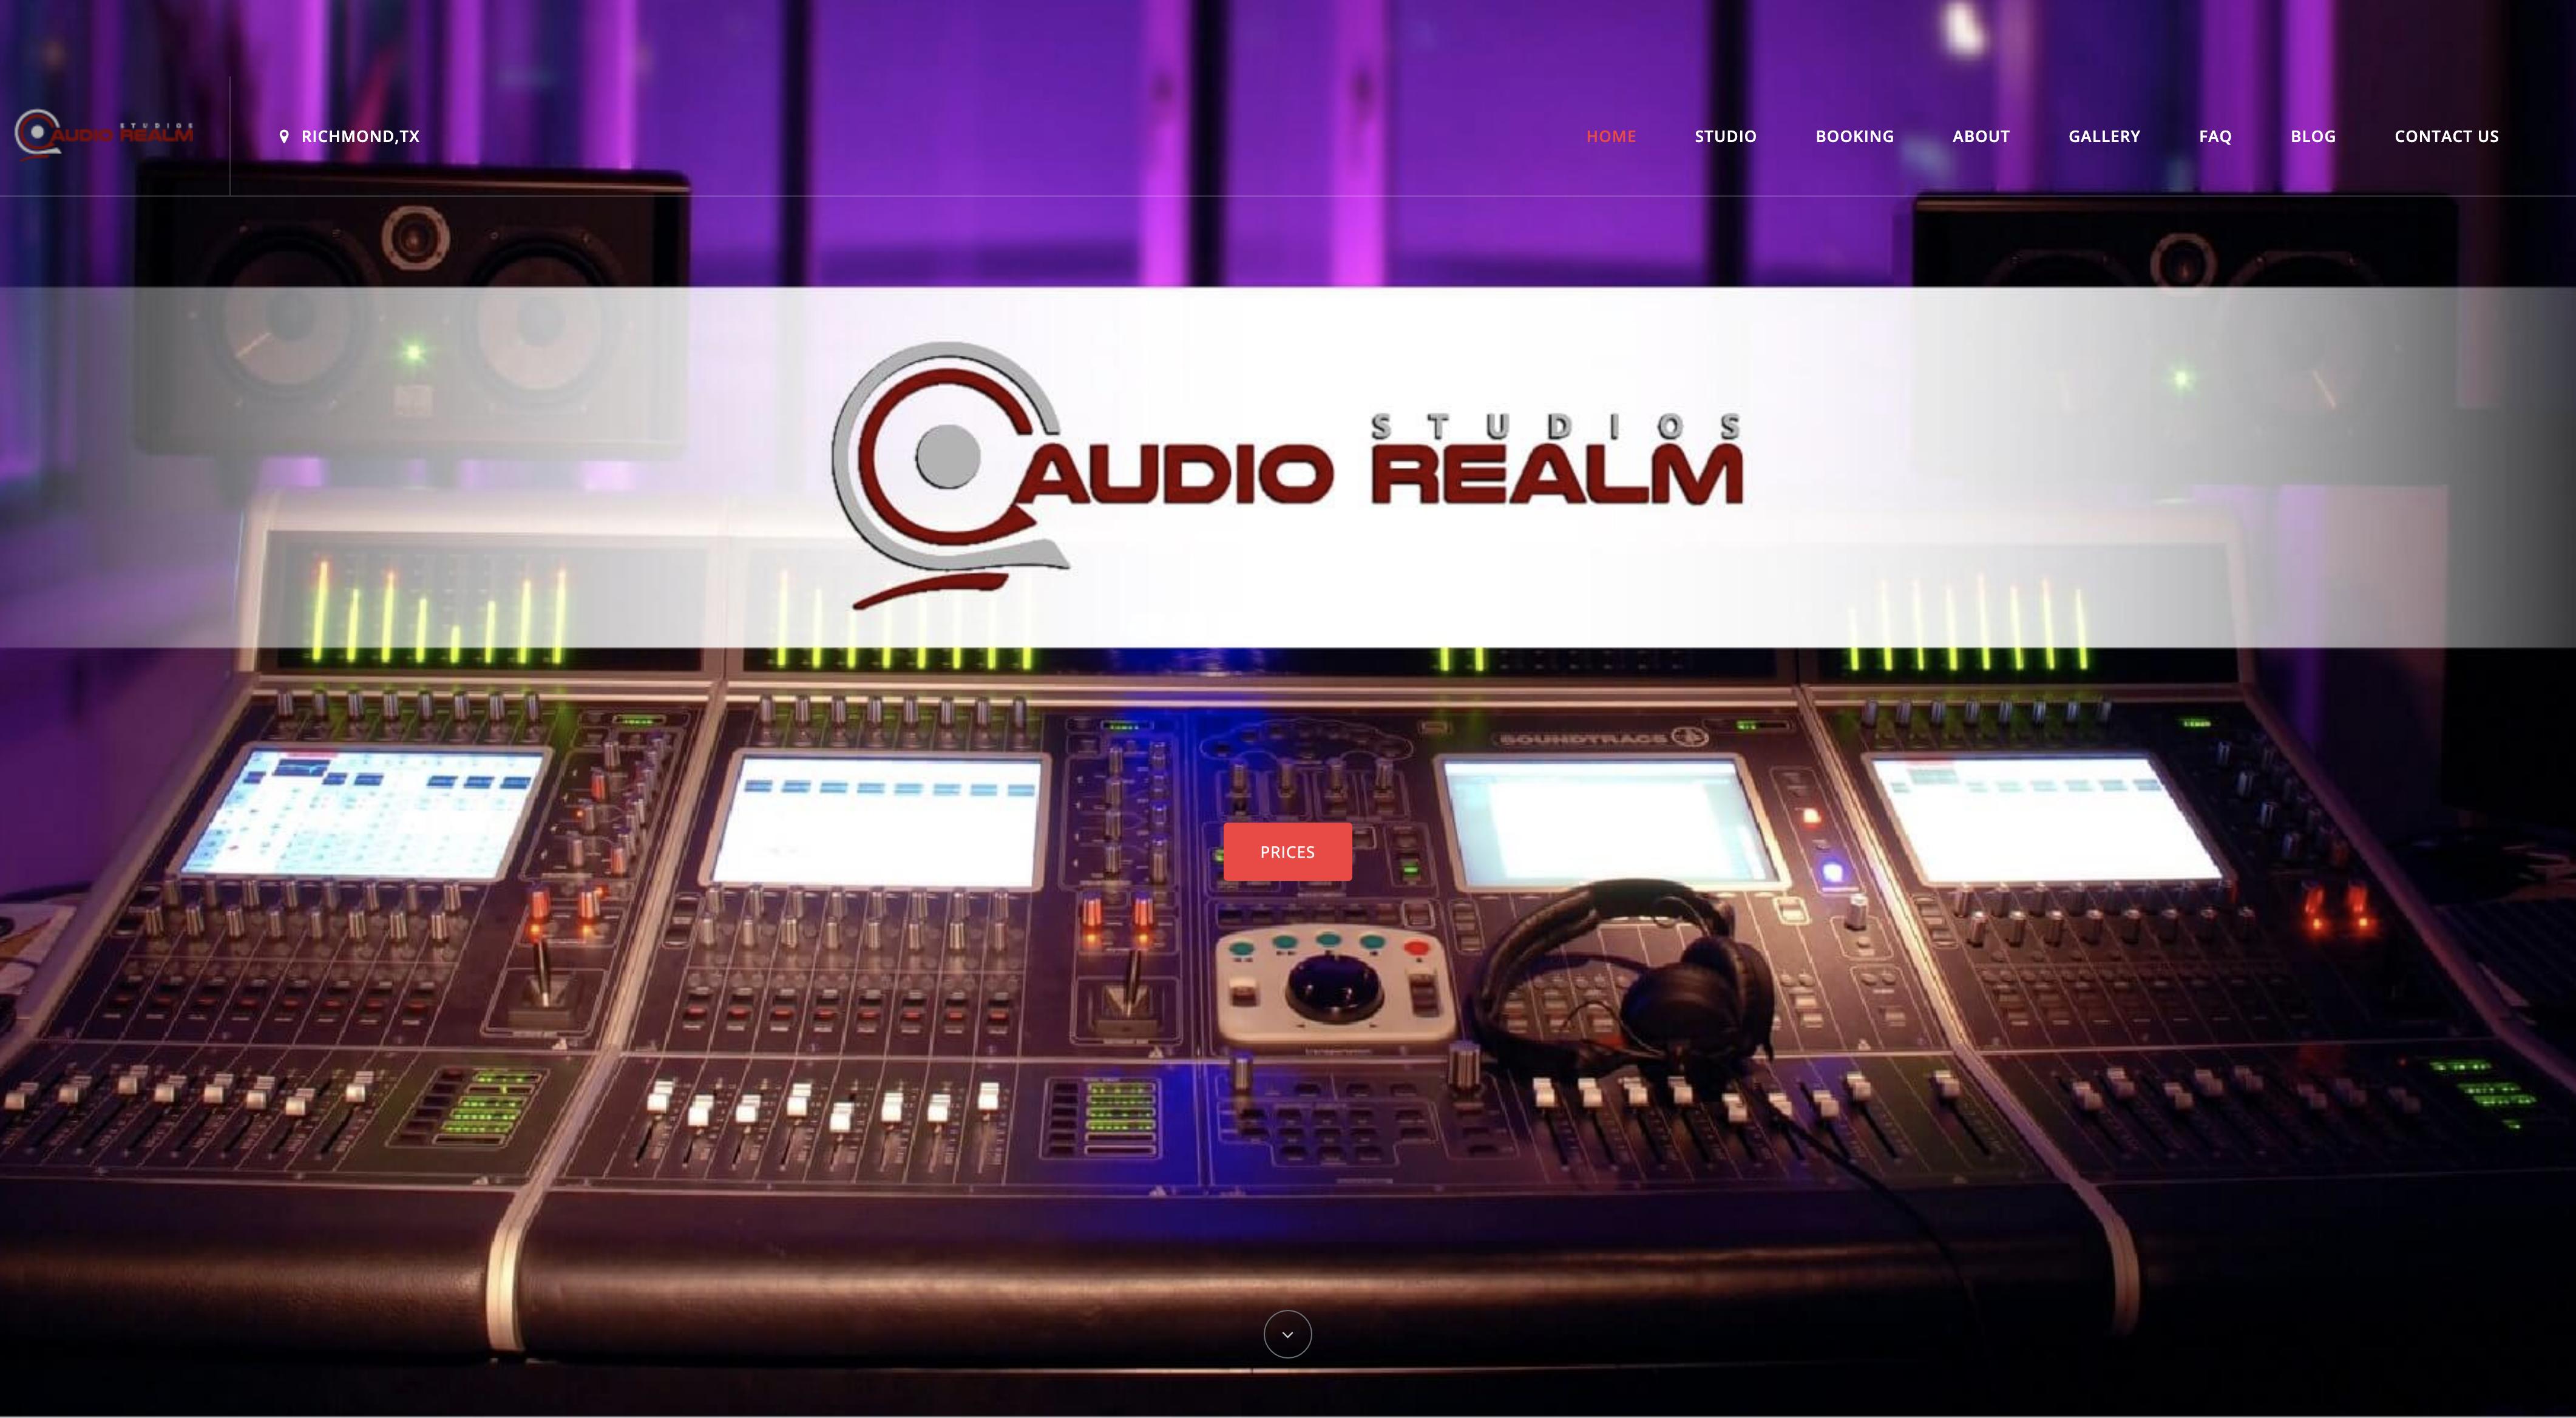 Audio Realm